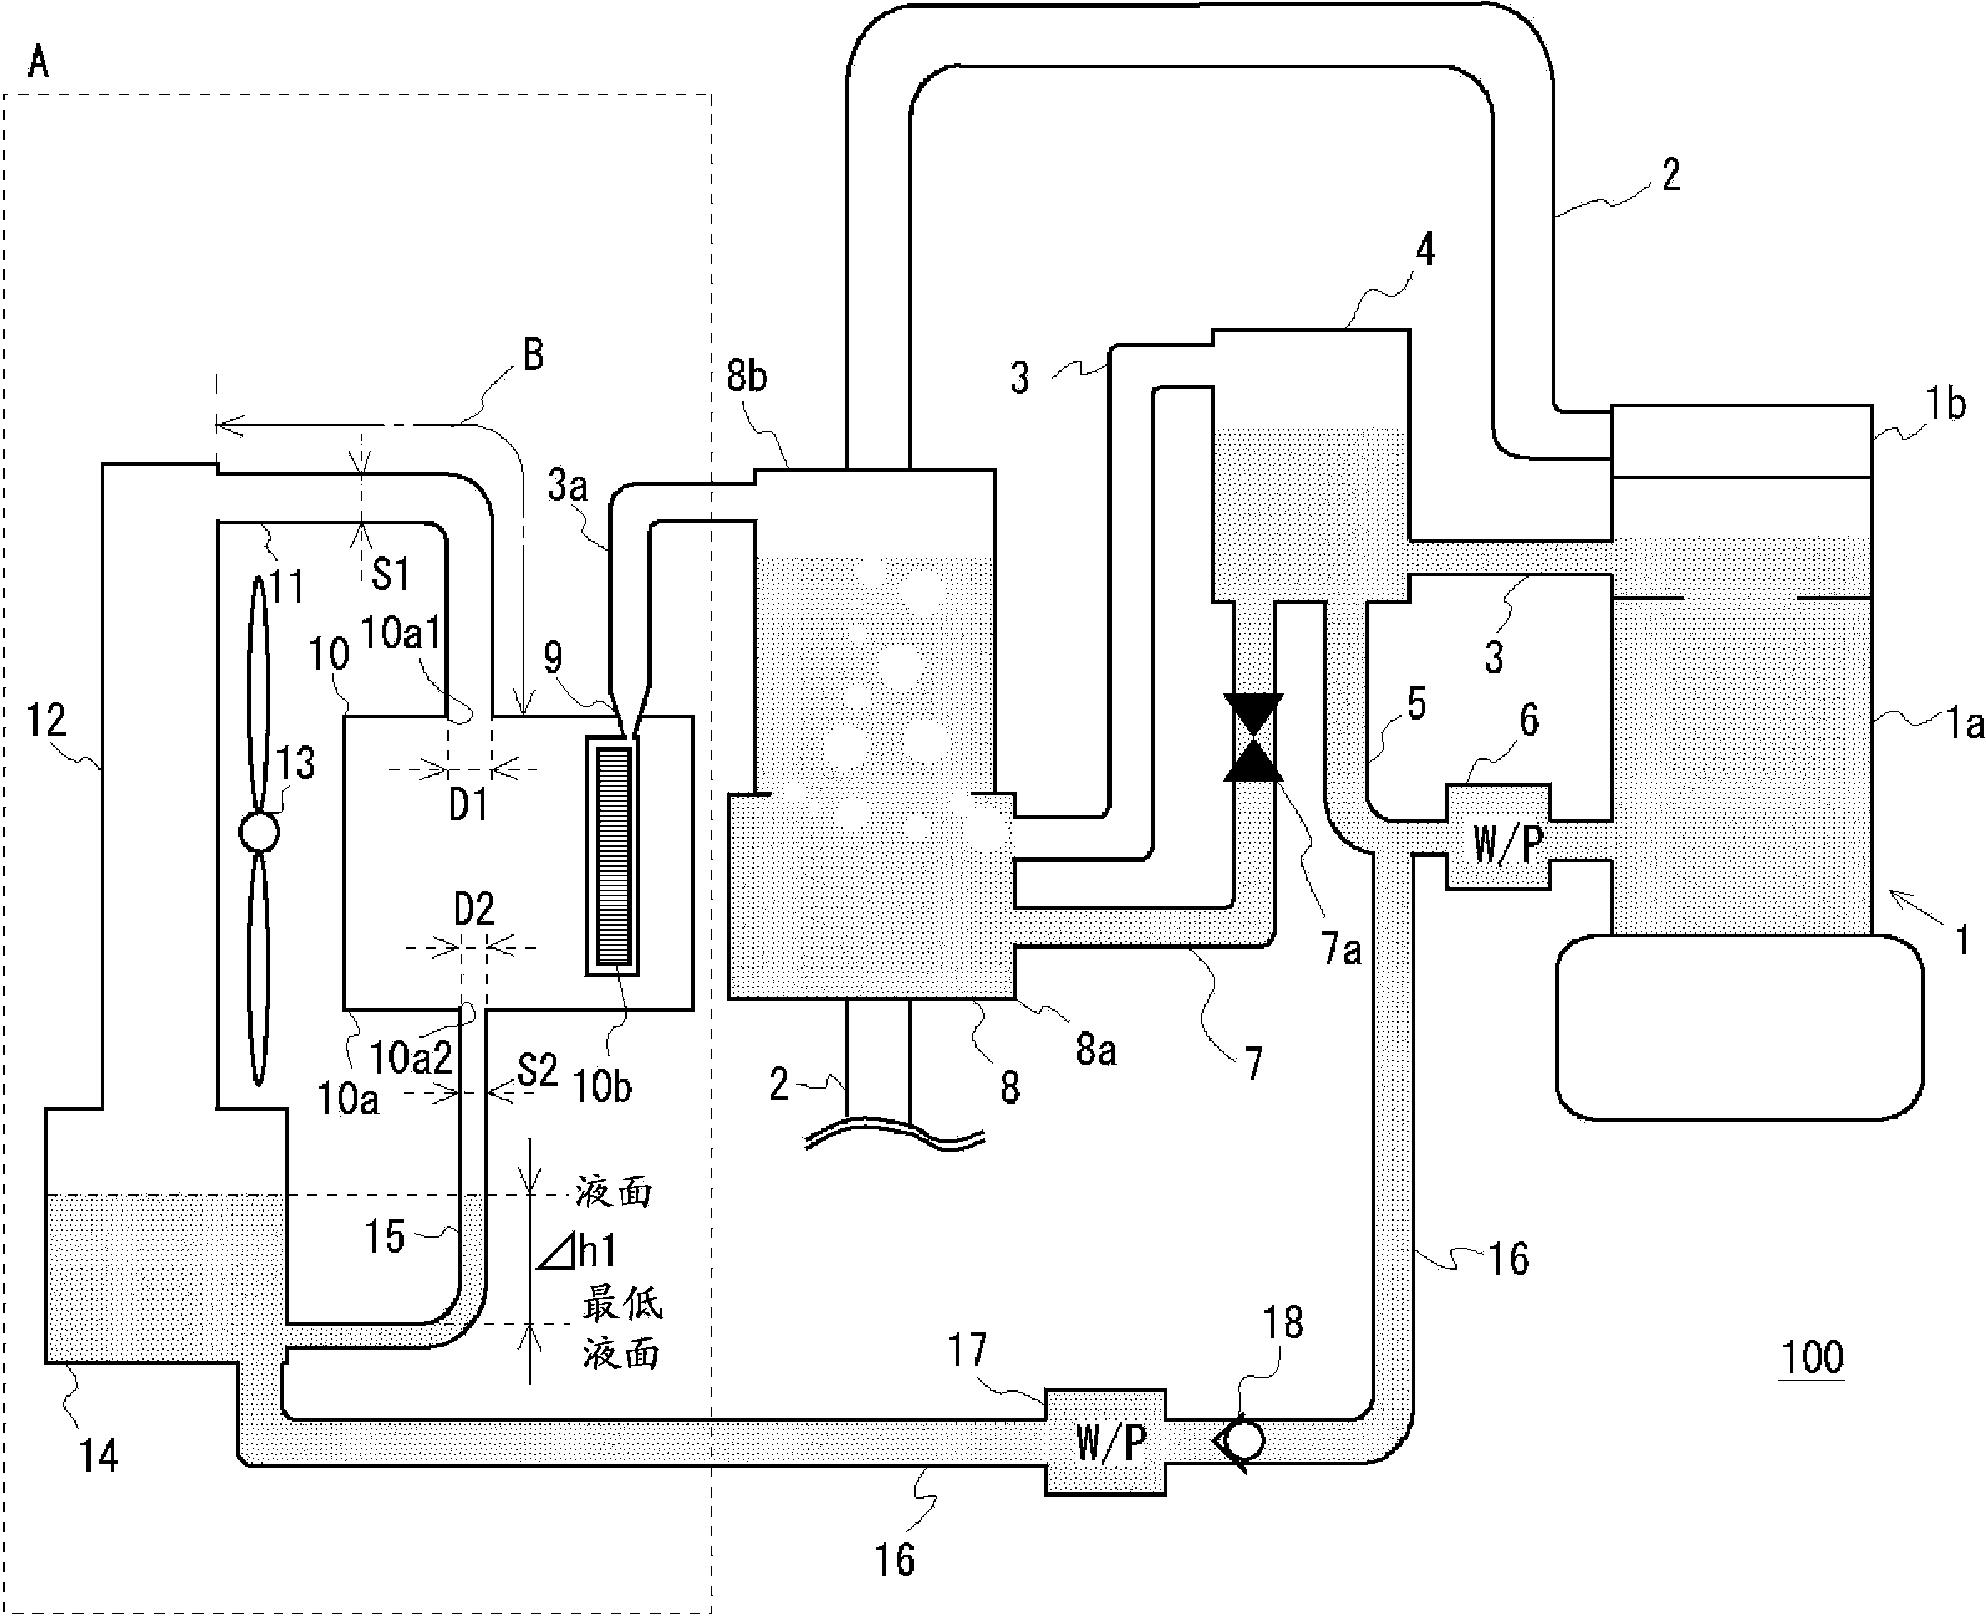 朗肯循环系统